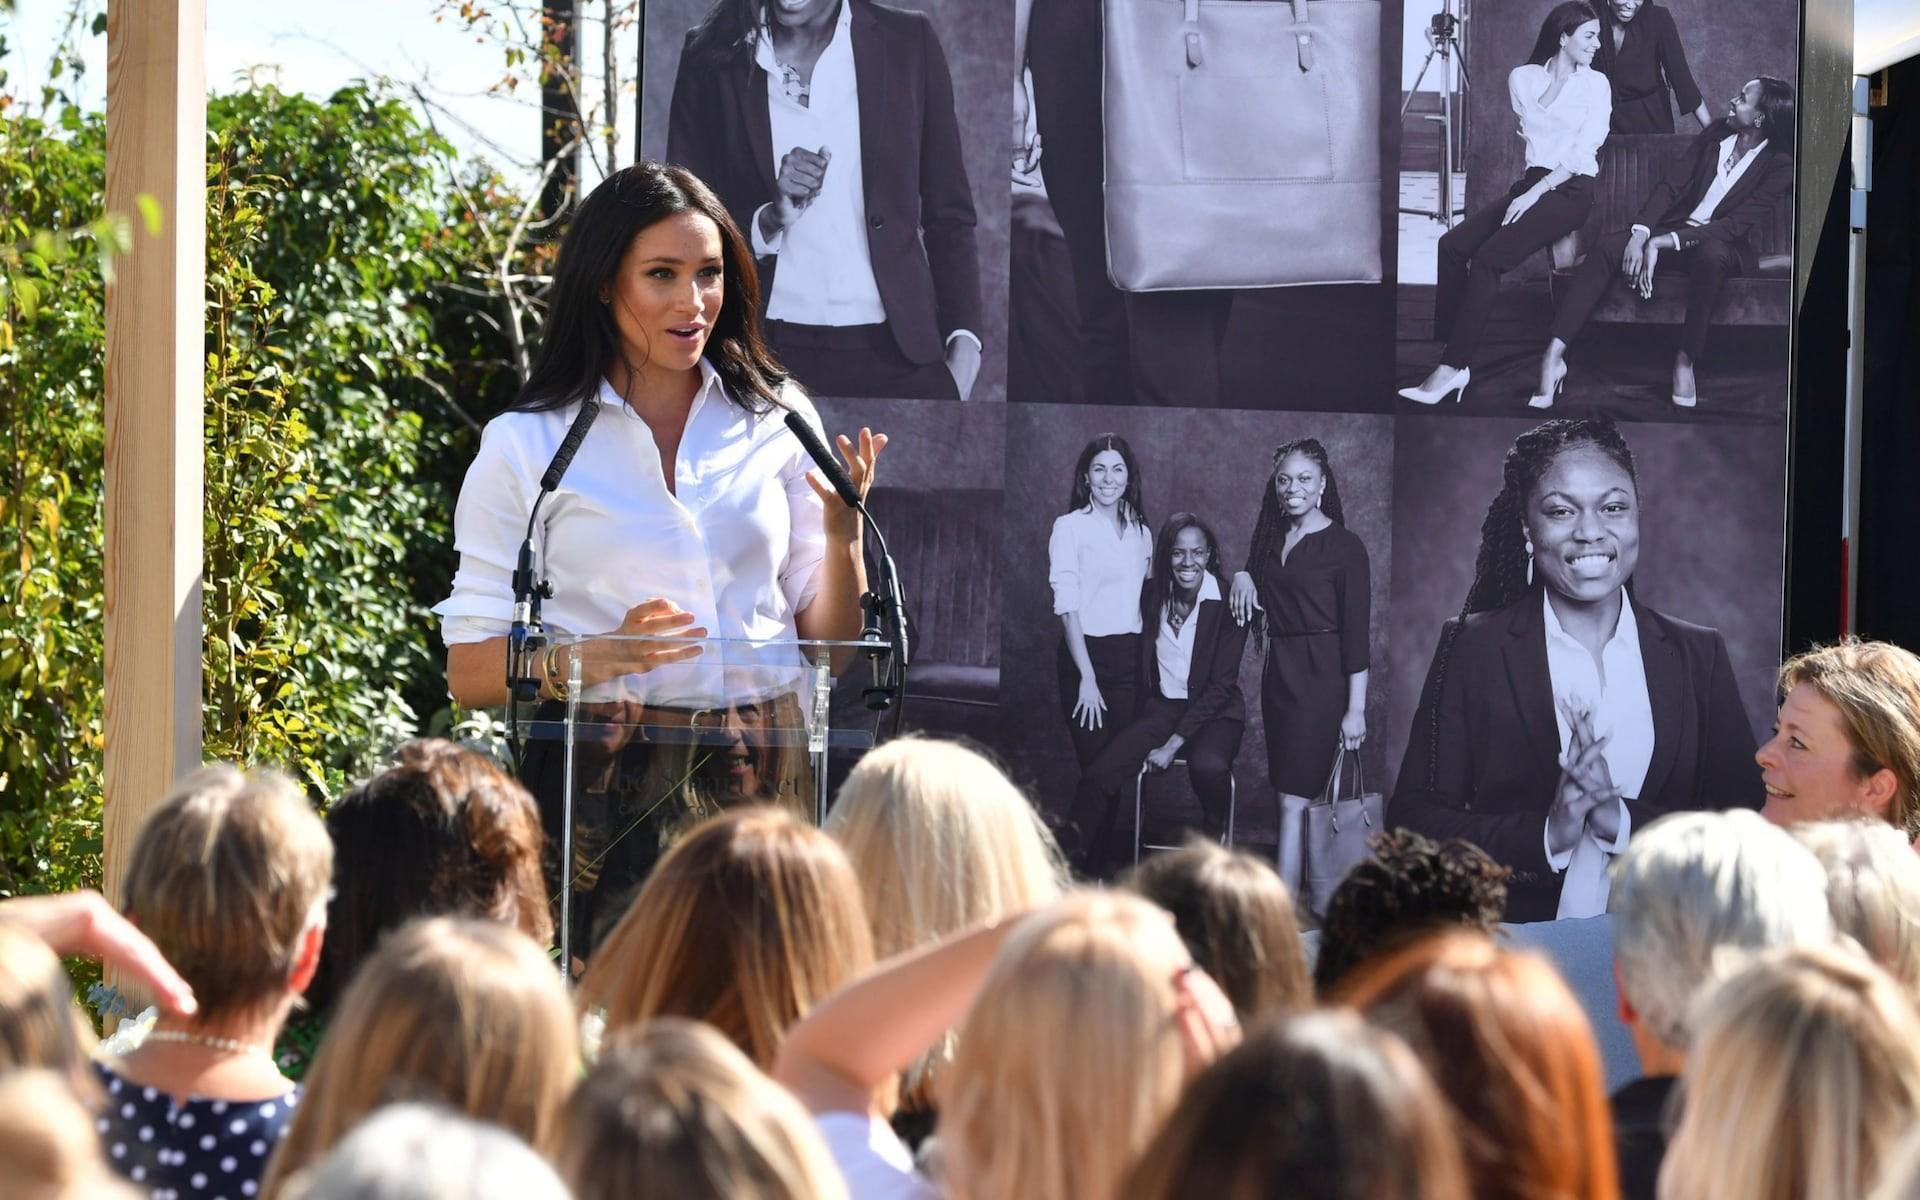 Meghan Markle vừa tung ra bộ sưu tập thời trang mới, người tiêu dùng đã nhận cảnh báo khi mua sản phẩm của nàng dâu hoàng gia-1